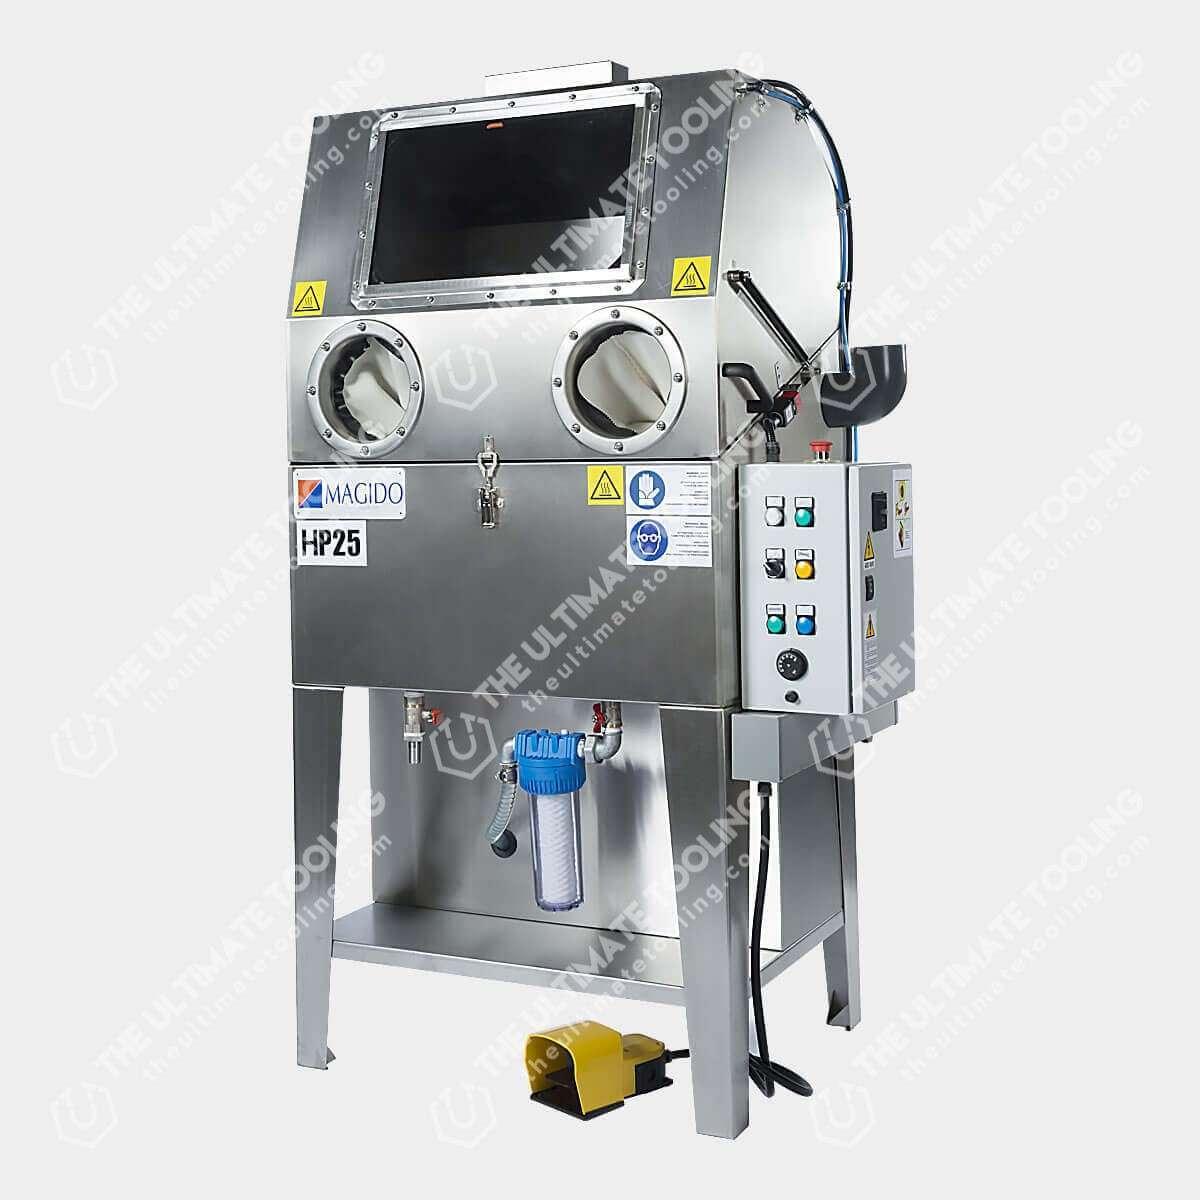 Magido lavadora manual de piezas HP25